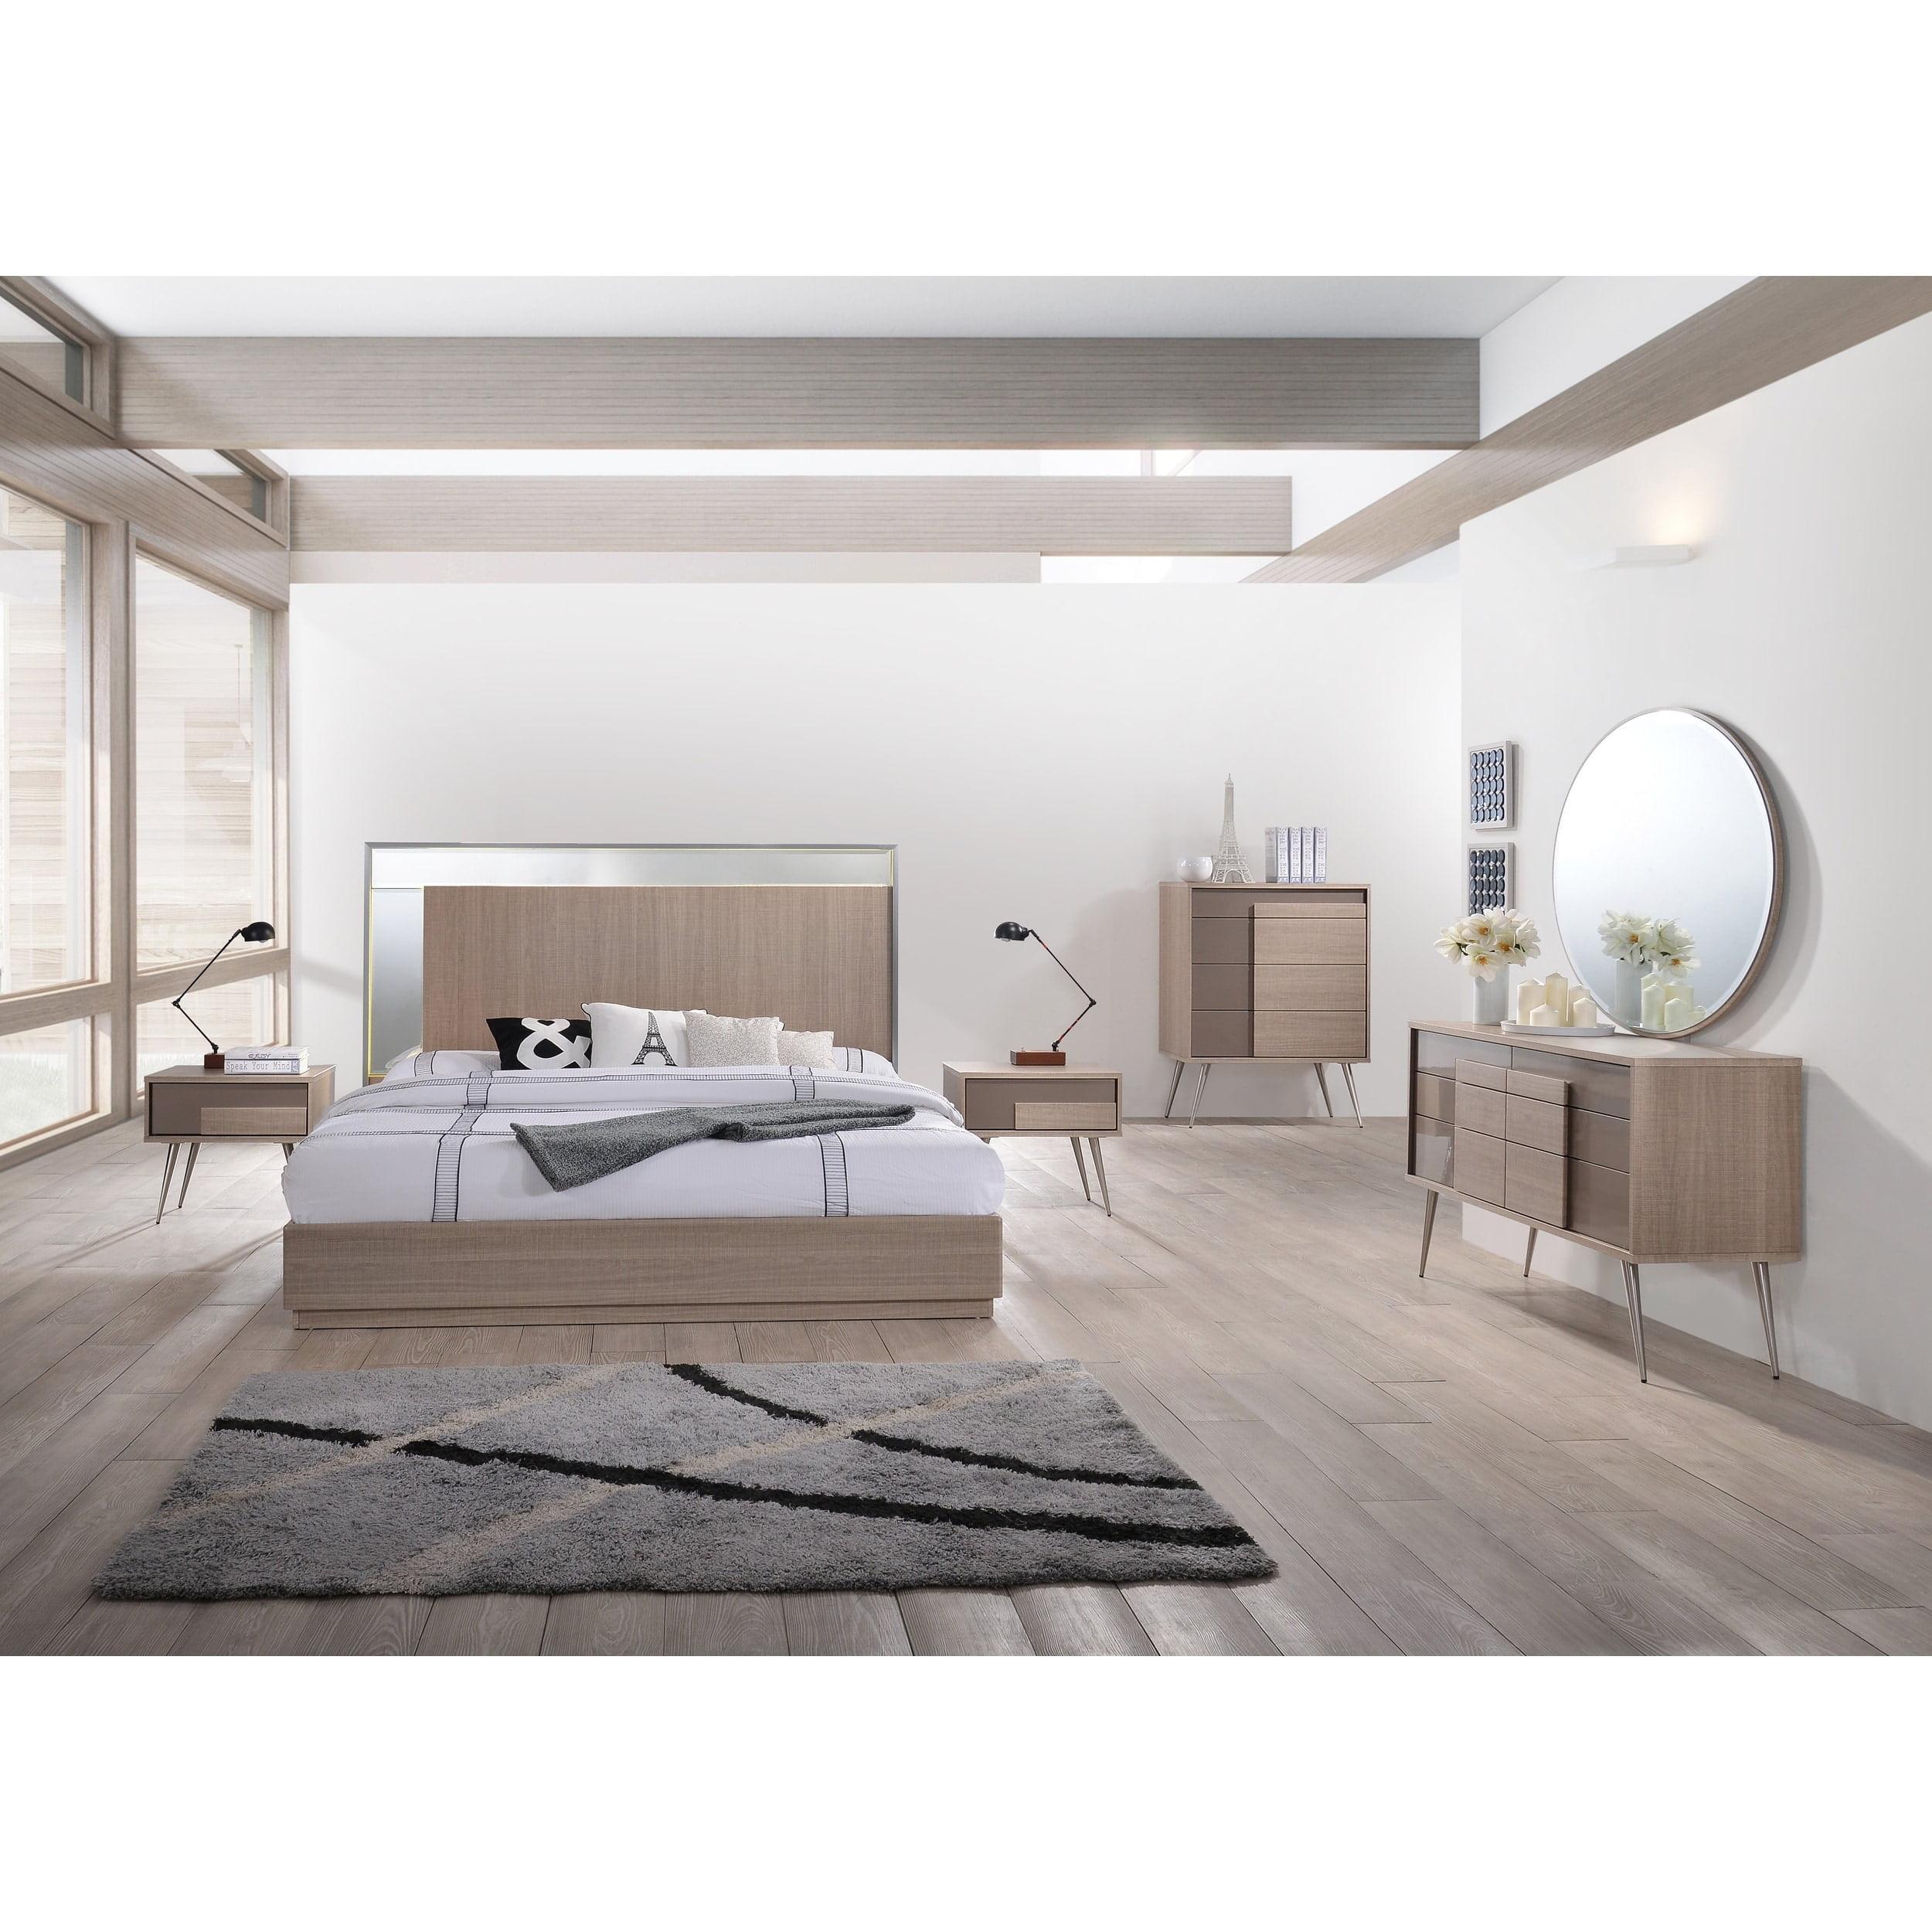 Best Master Furniture Brazil Taupe Bronze 5 Pcs Bedroom Set King